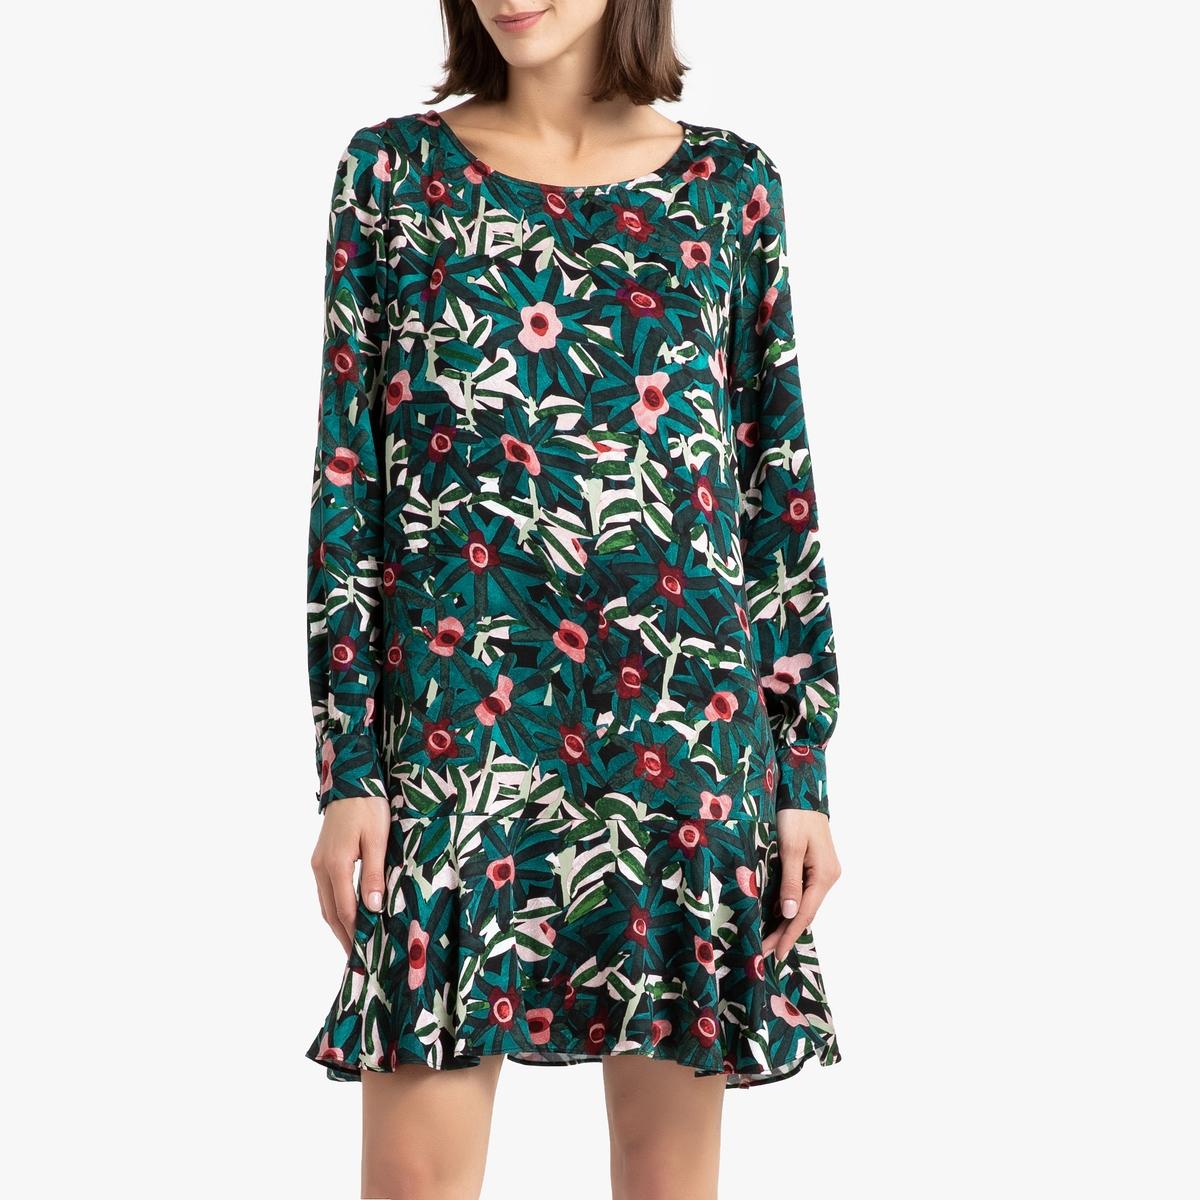 купить Платье La Redoute Короткое с рисунком и длинными рукавами COME 2(M) зеленый дешево